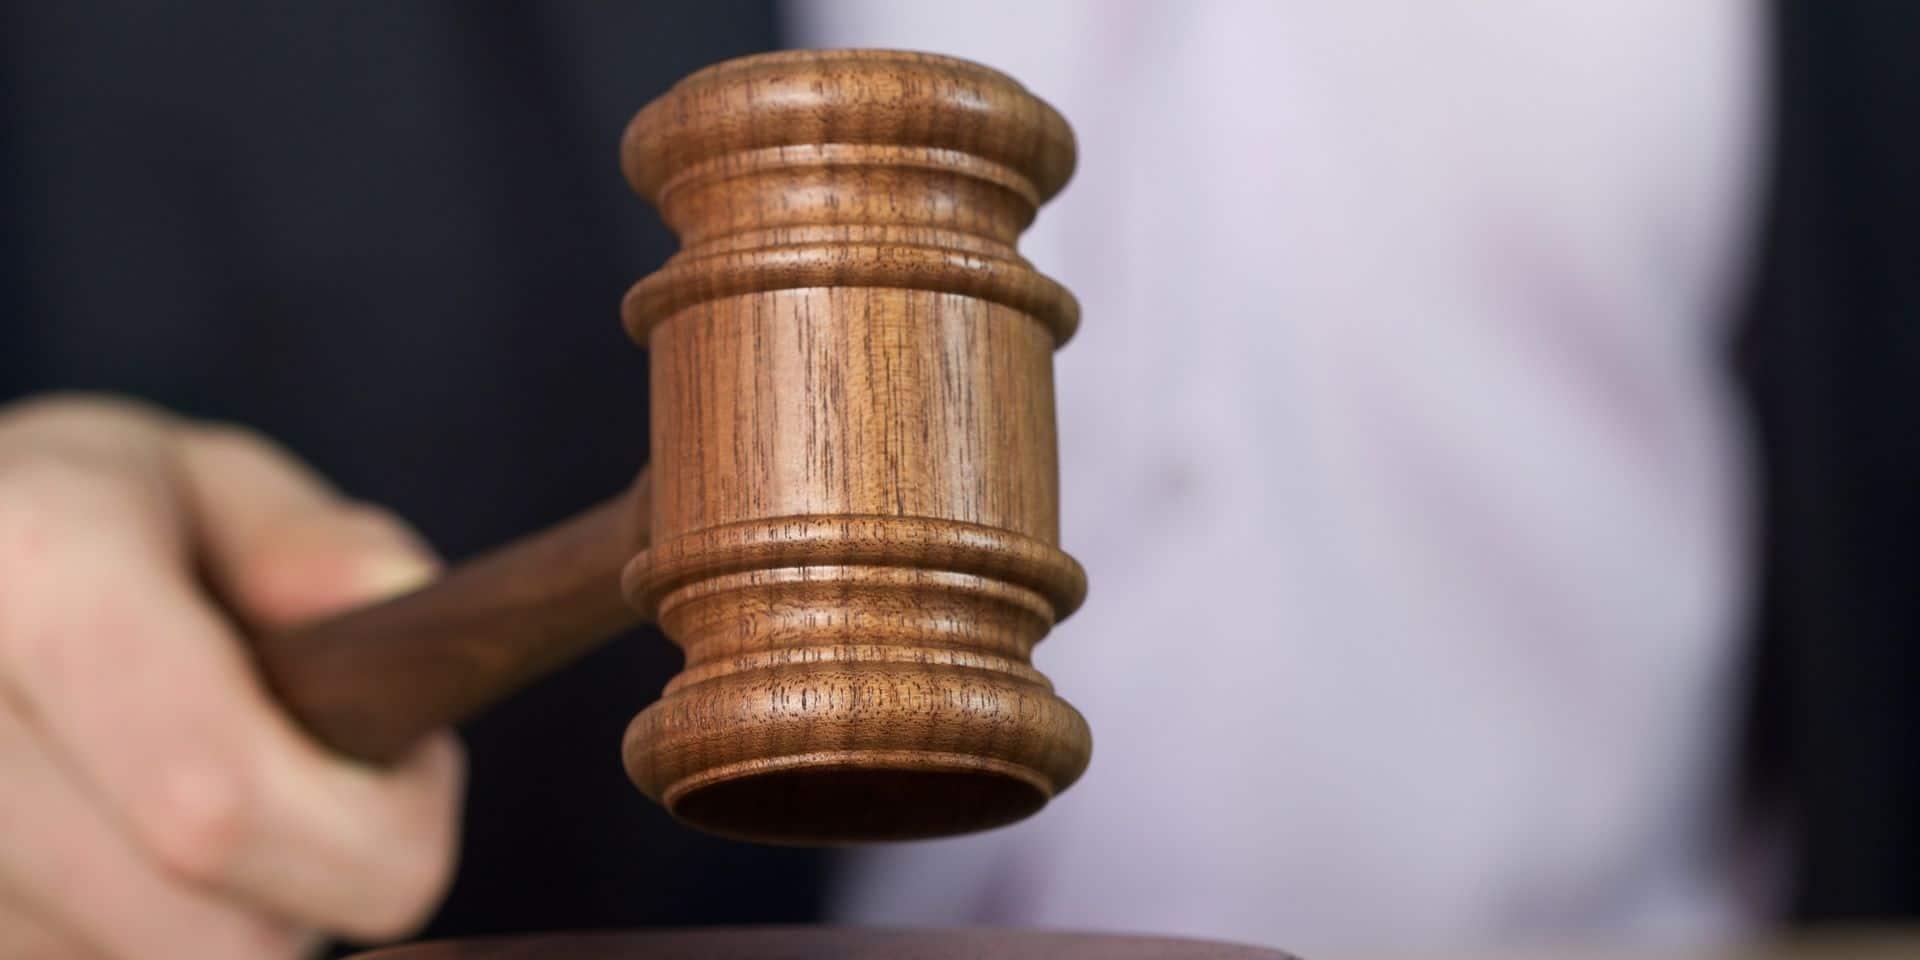 Le 9 février dernier, le tribunal de l'entreprise de Liège avait homologué le plan de réorganisation judiciaire (PRJ) d'Asit biotech, permettant à cette société de poursuivre ses activités en respectant ce plan.